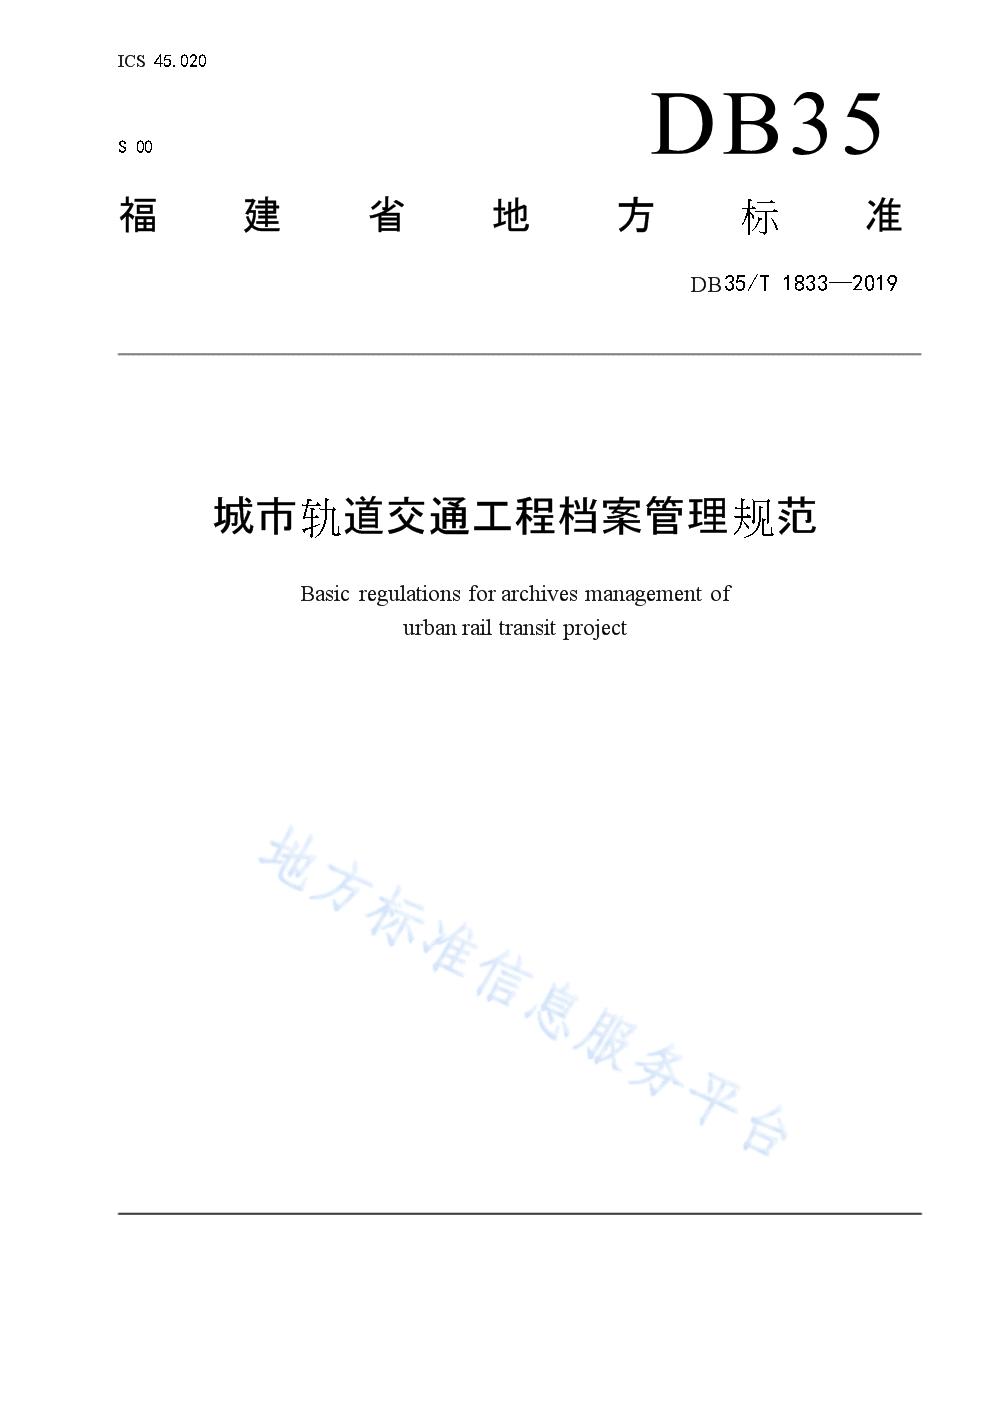 DB35_T 1833-2019城市轨道交通工程档案管理规范.docx